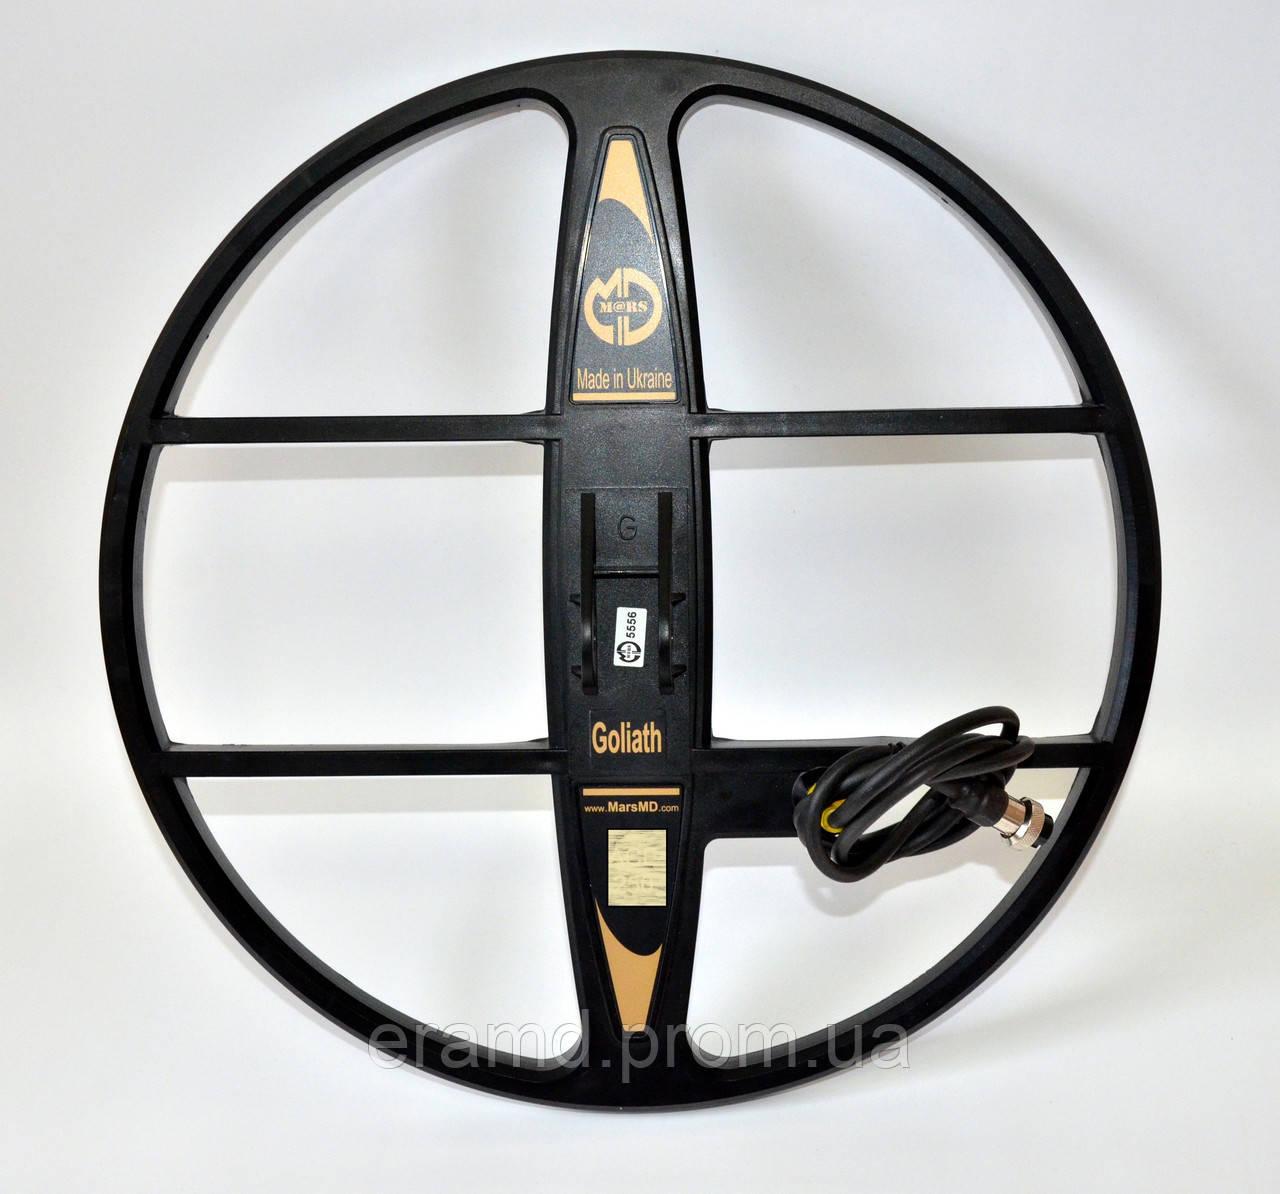 Катушка марс голиаф на golden mask 4 pro: продажа, цена в ви.